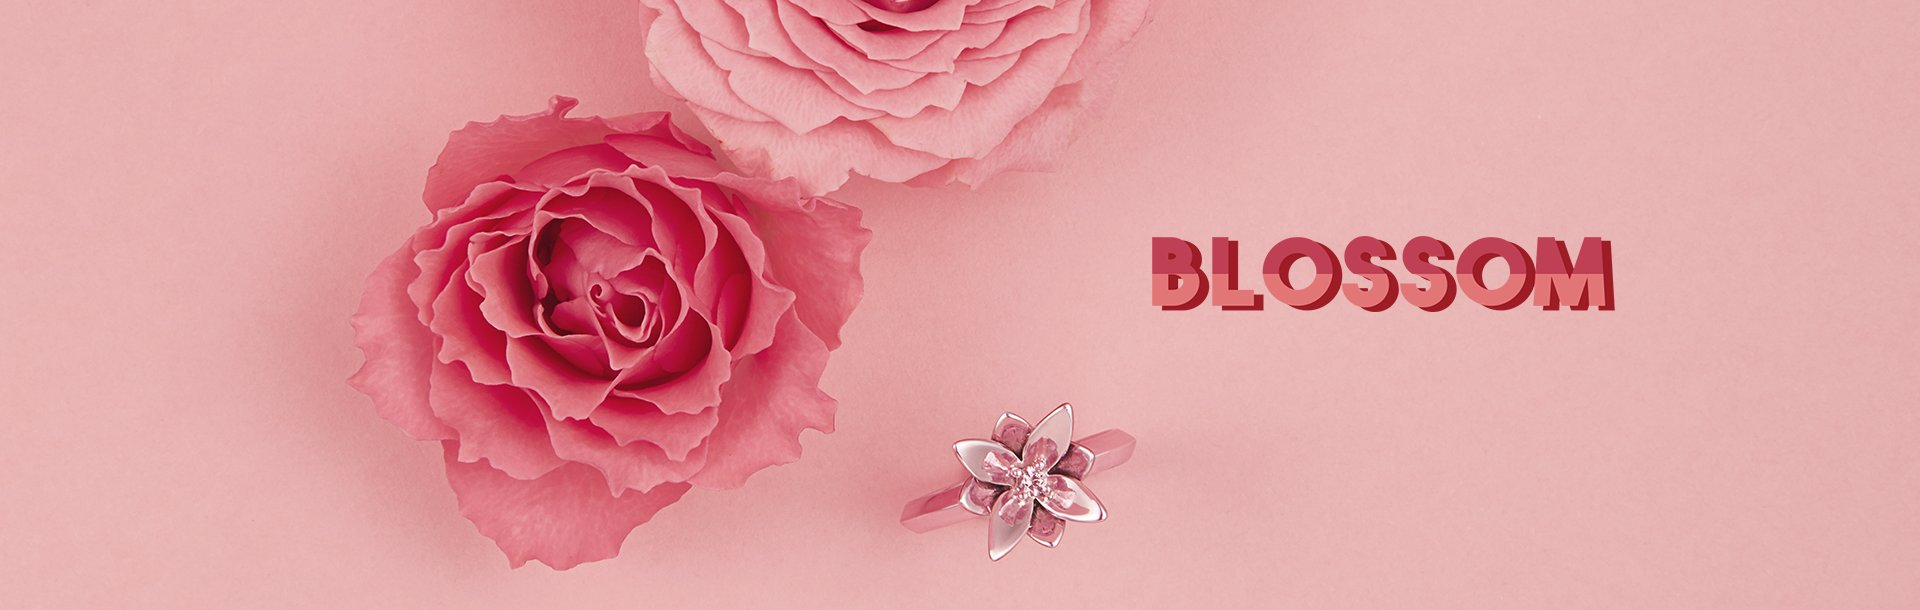 Coleção Blossom Top Banner